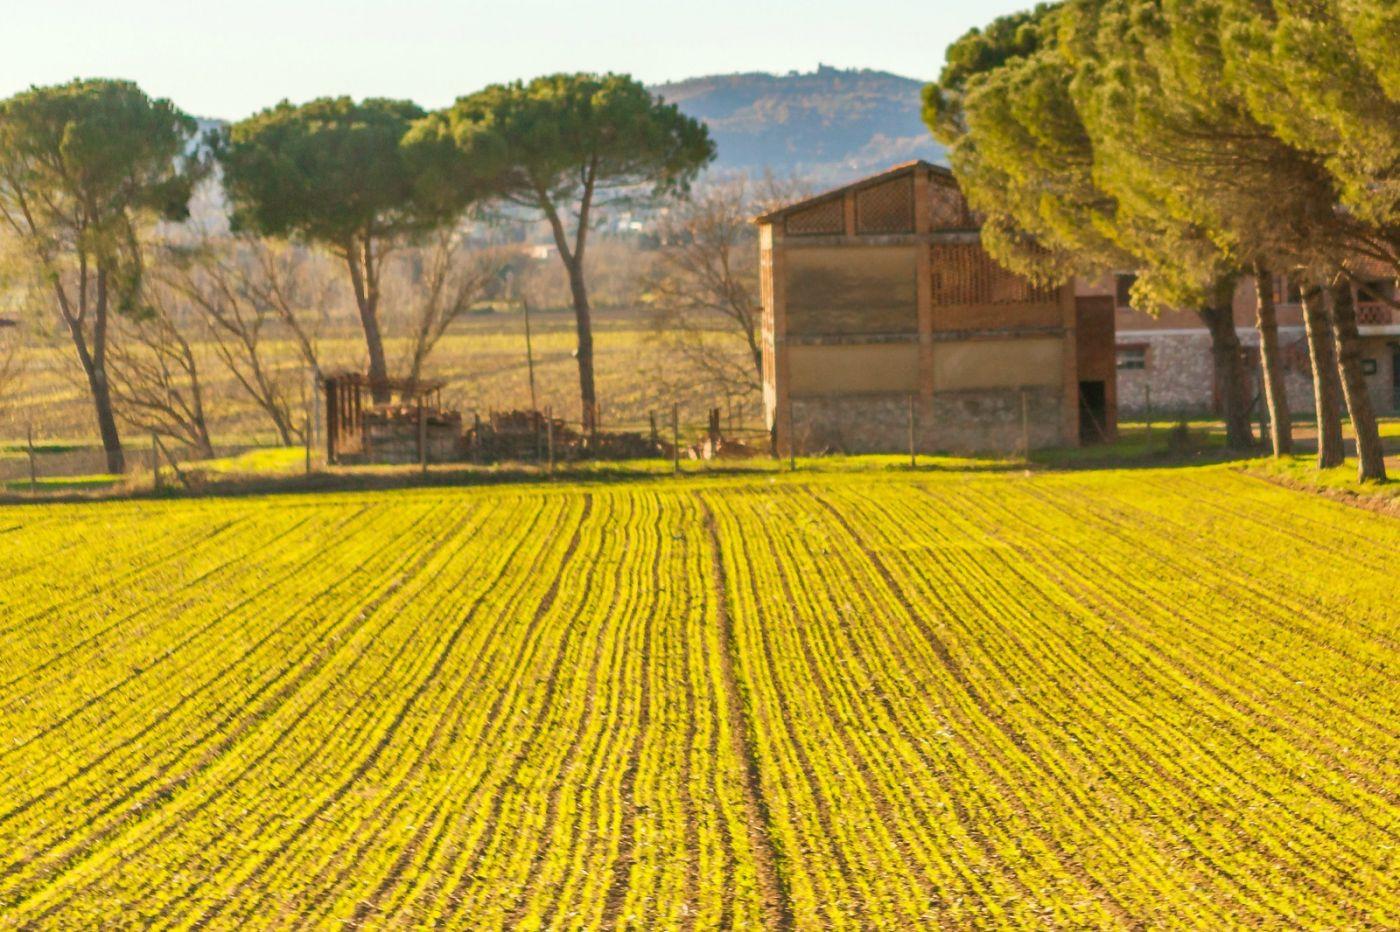 意大利路途,秋后的农村_图1-12